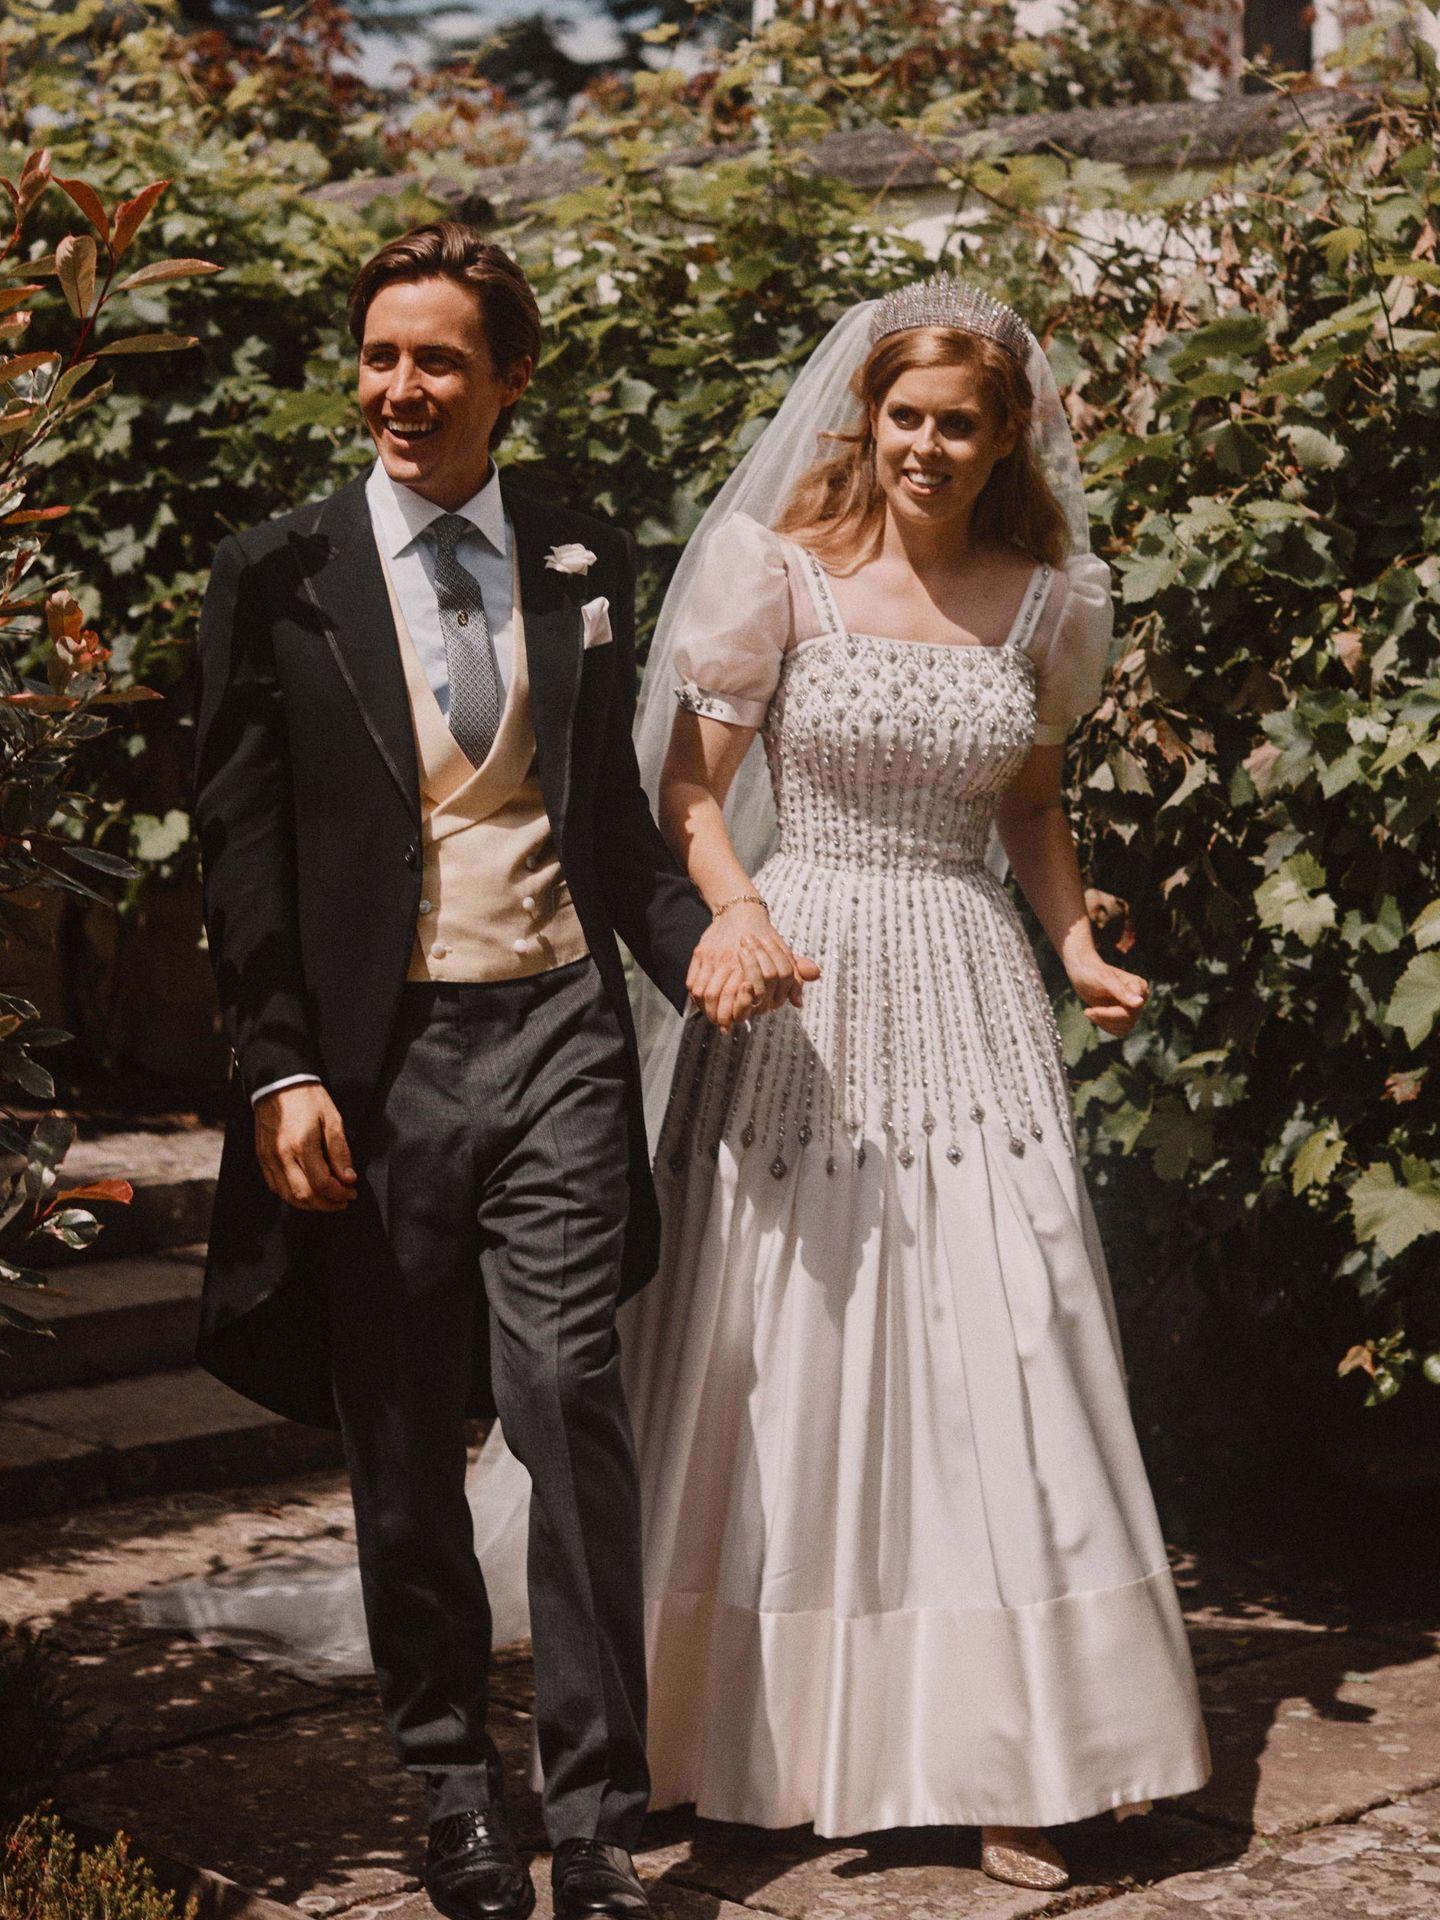 Beatriz de York y Edo Mapelli, el día de su boda. (Reuters)